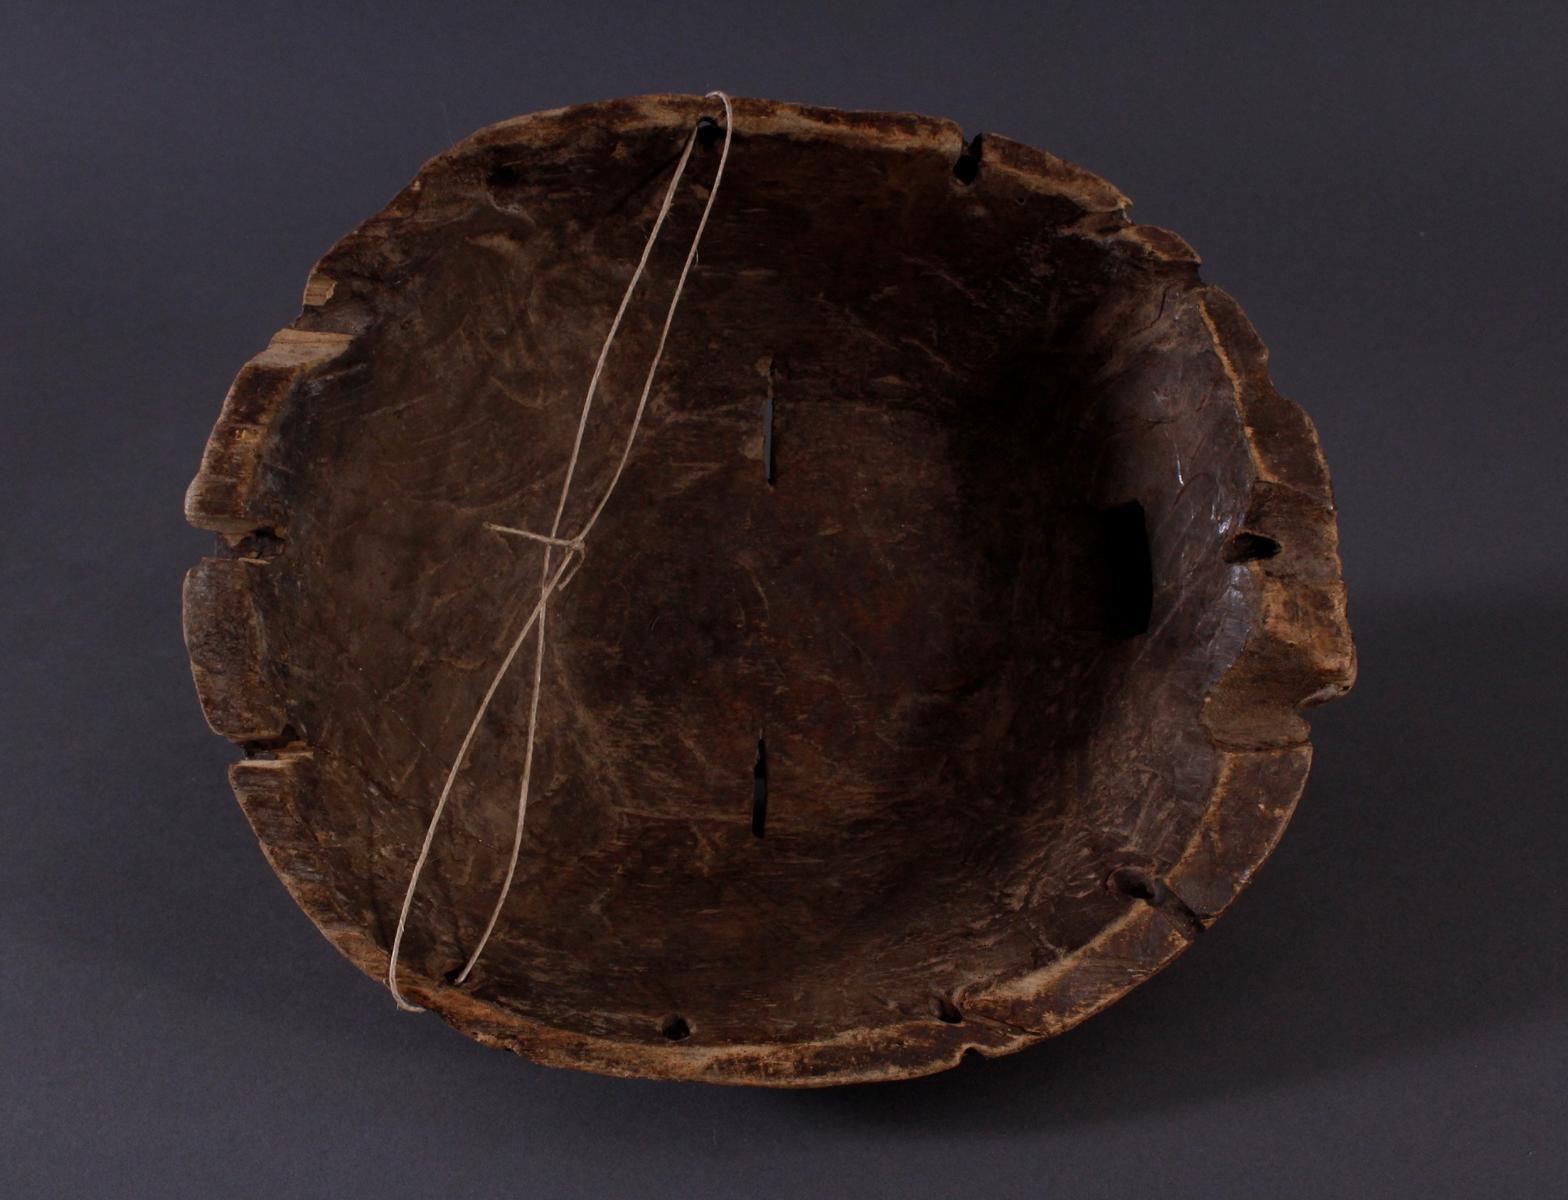 """Antike Maske, Luba, KongoHolz geschnitzt, runde """"Kifwebe-Maske"""" der Luba. polychrom gefärbt, mit - Bild 4 aus 6"""